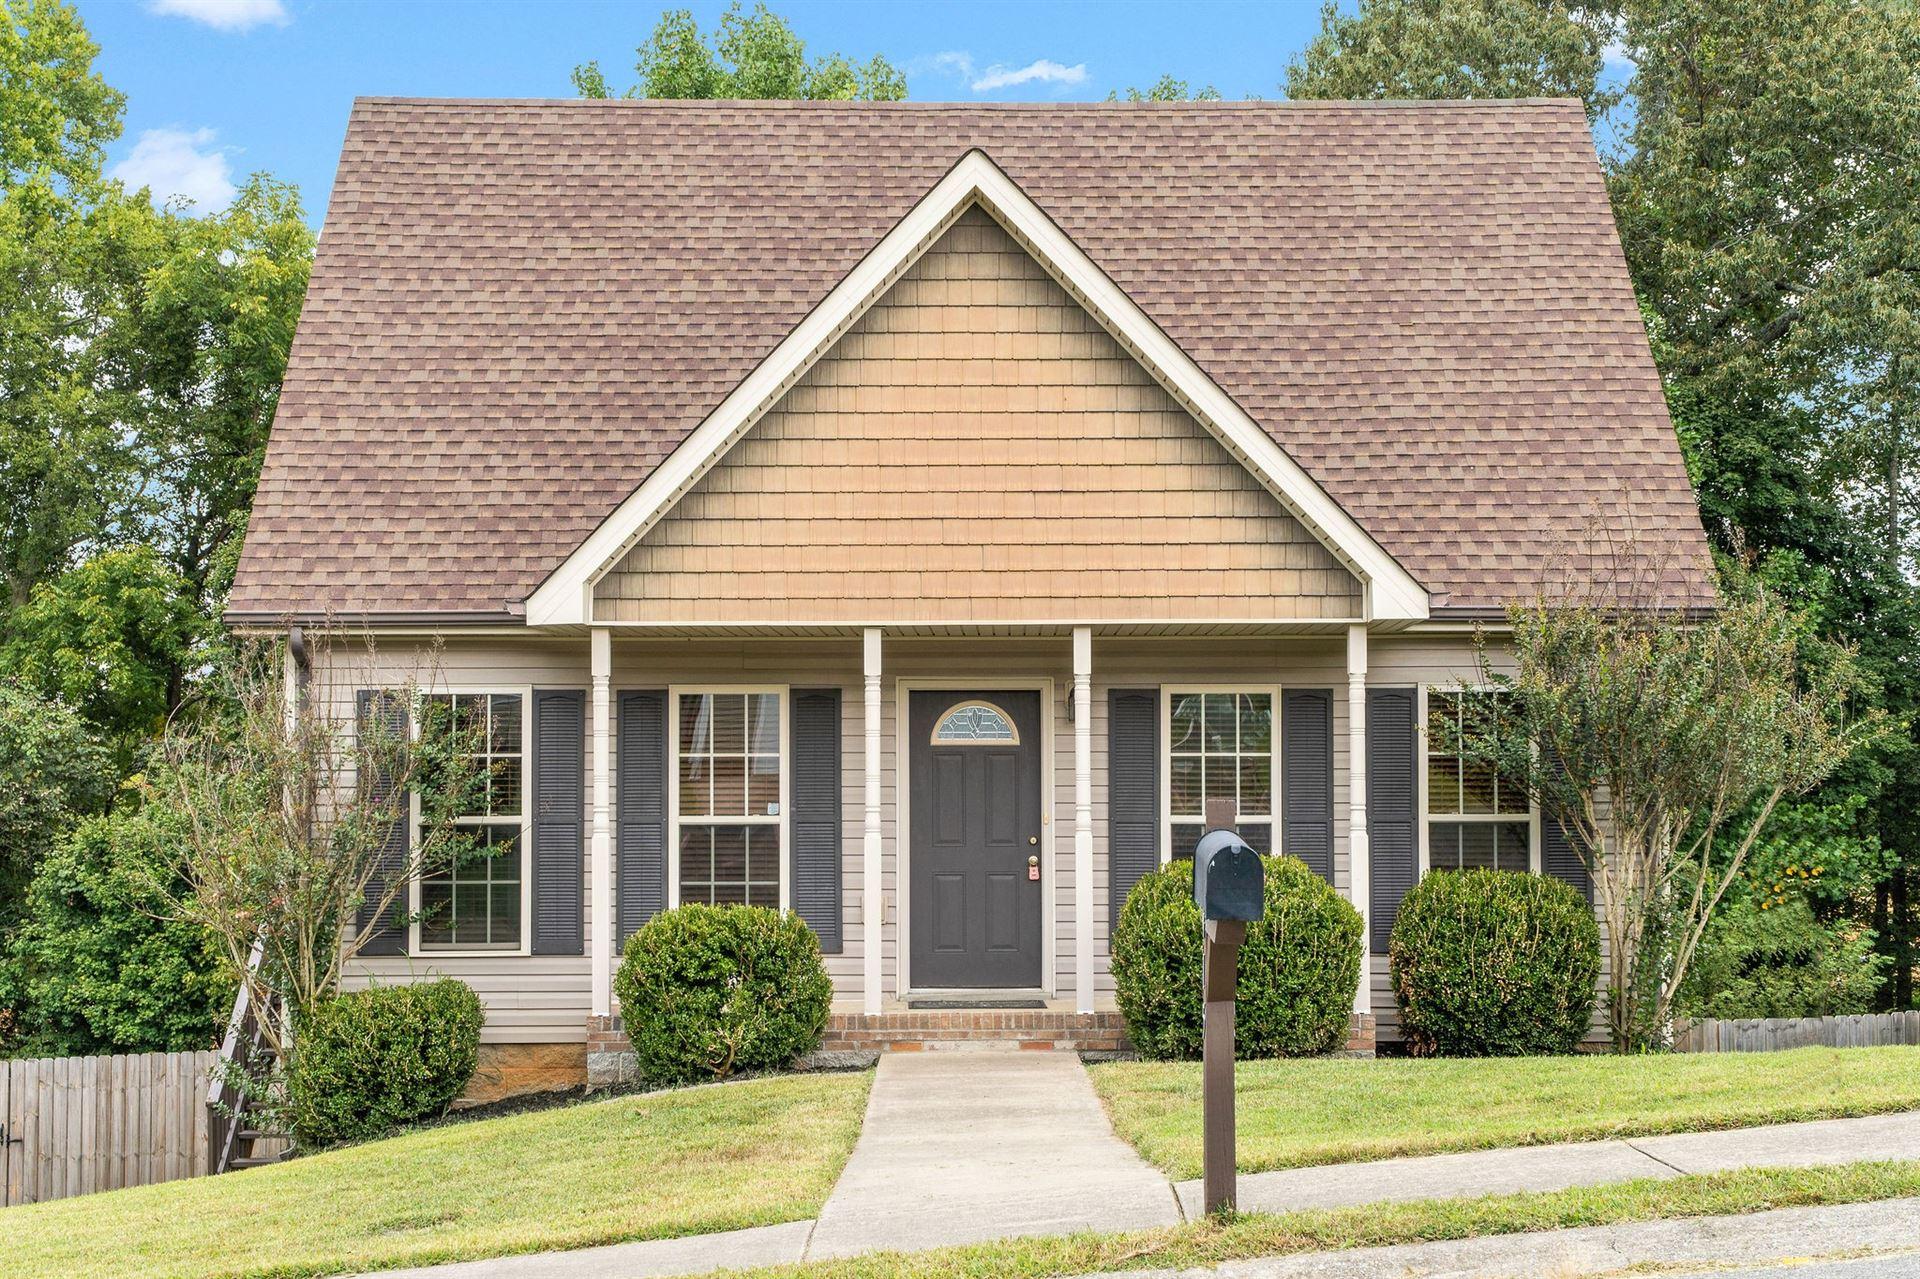 Photo of 415 Zurich Ct, Clarksville, TN 37040 (MLS # 2192207)